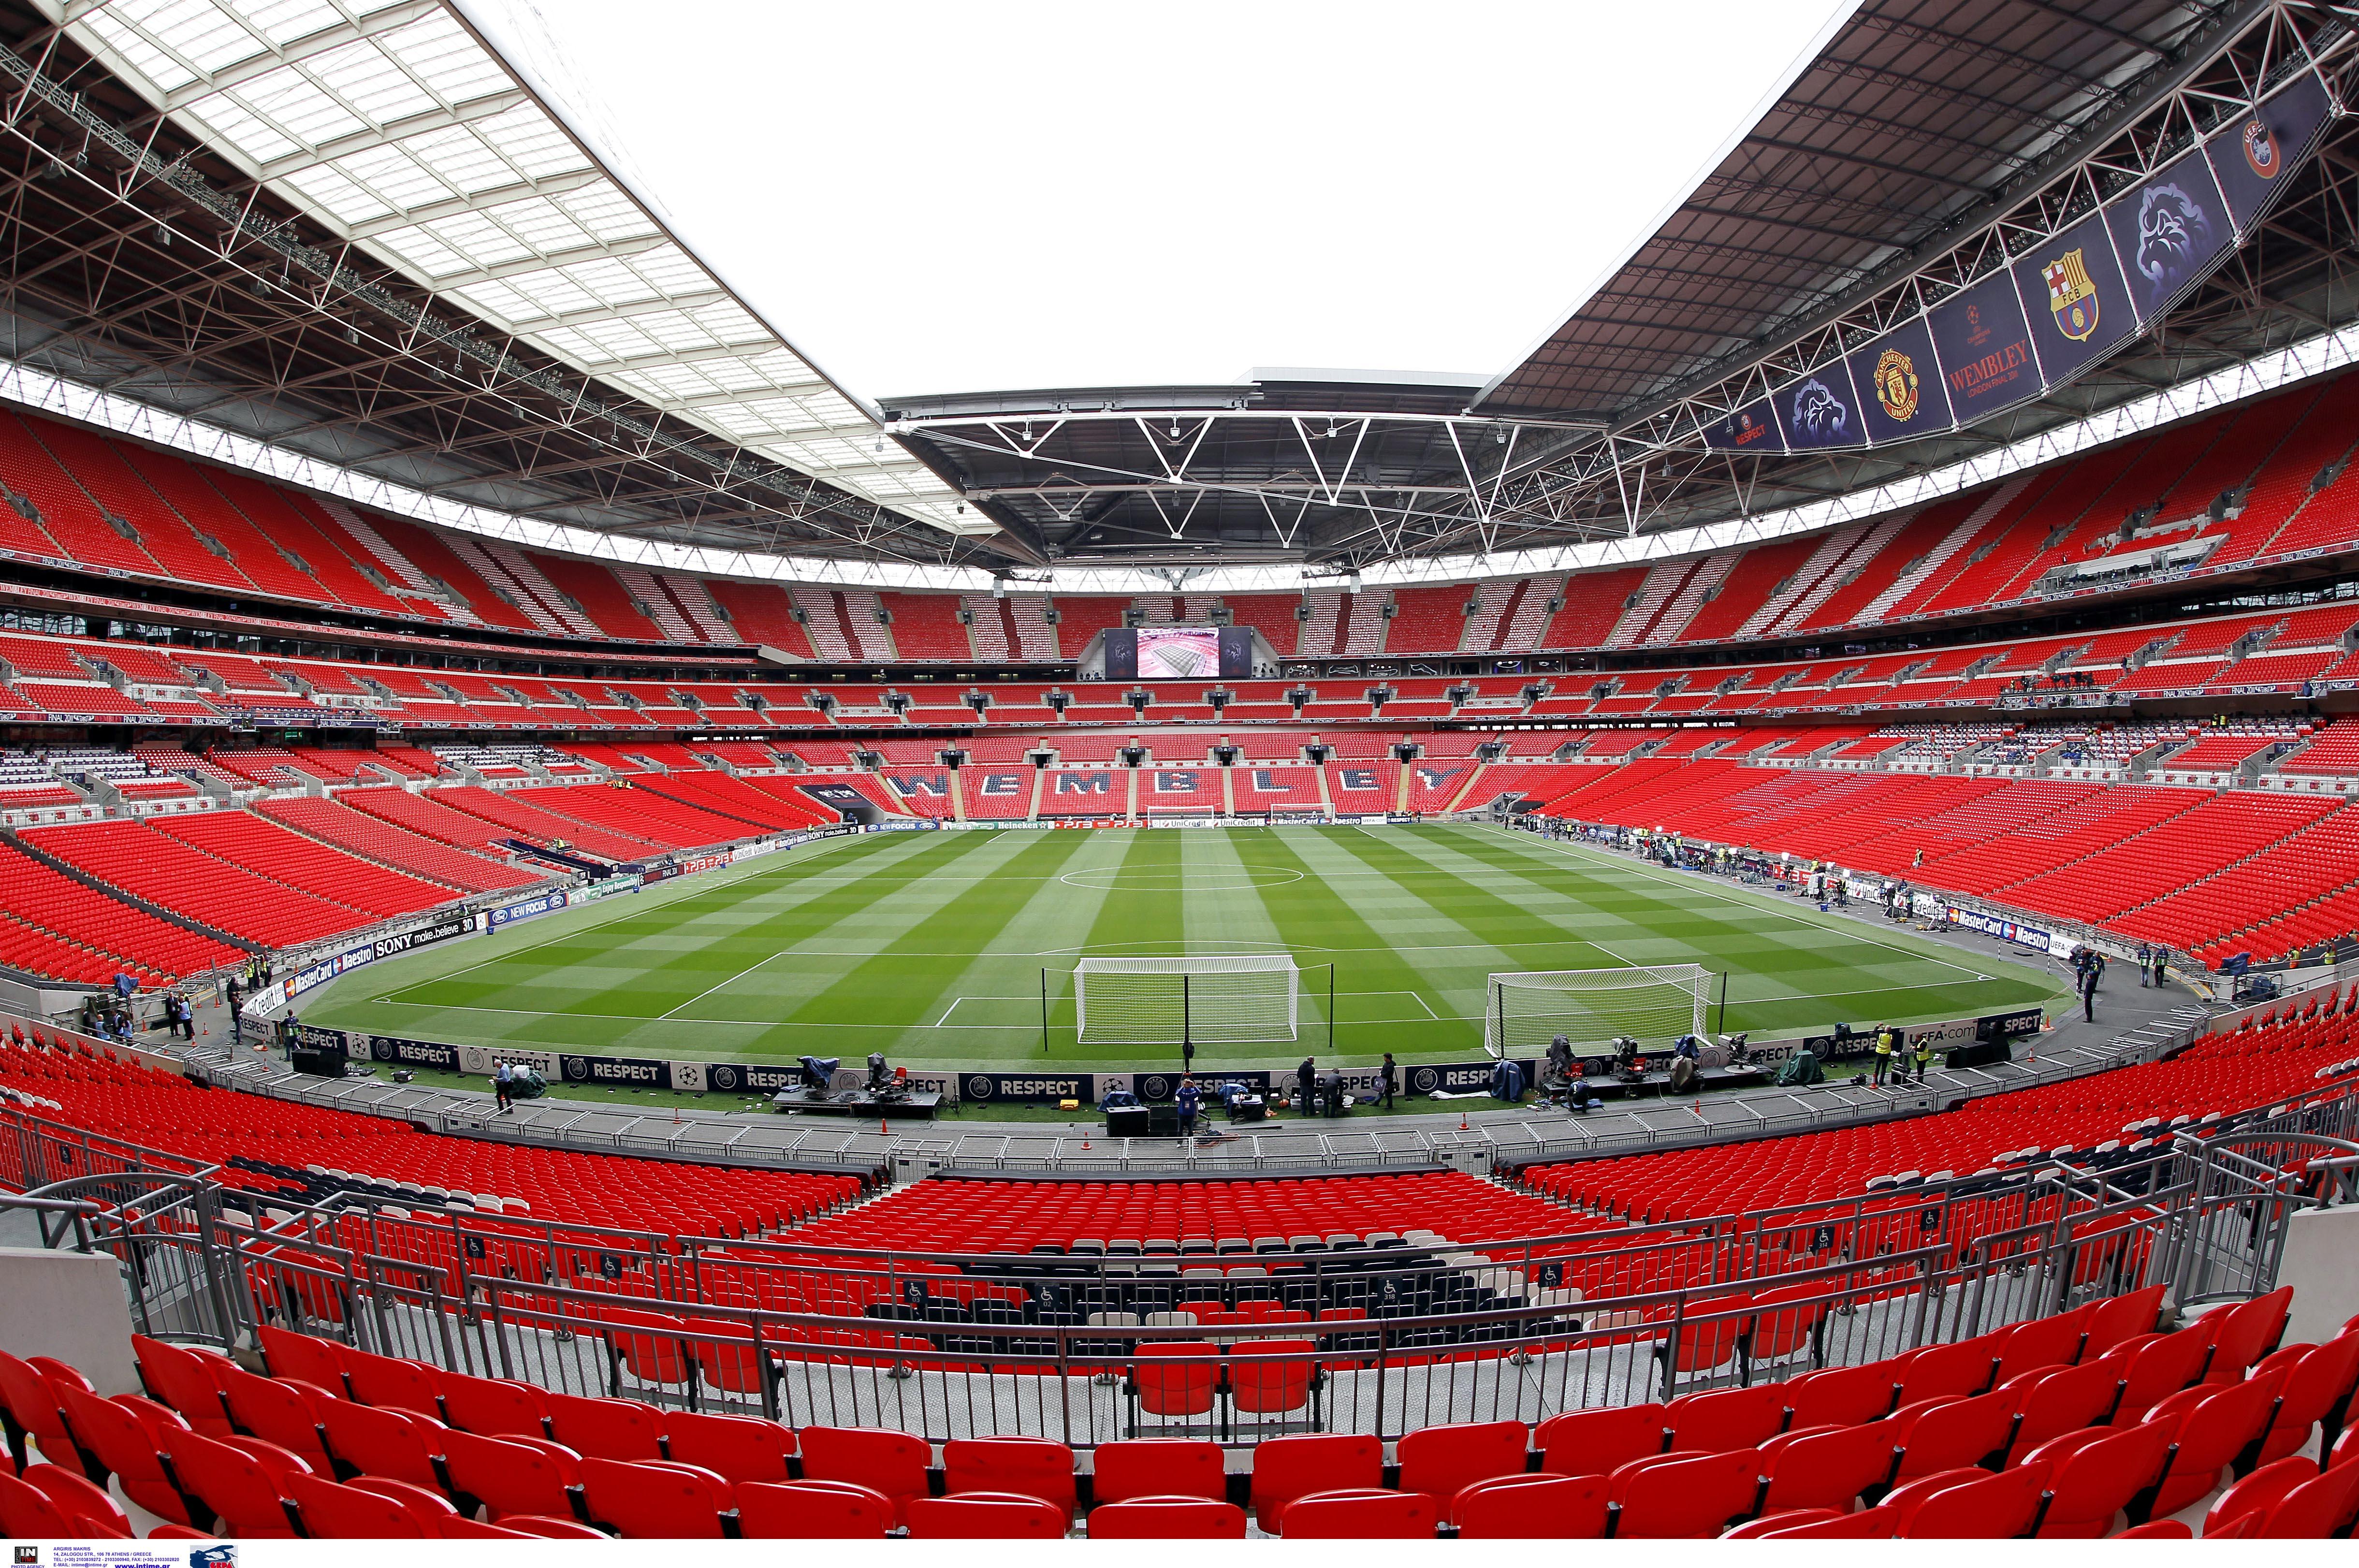 Τελικός Κυπέλλου Αγγλίας με κόσμο στις κερκίδες του Γουέμπλεϊ